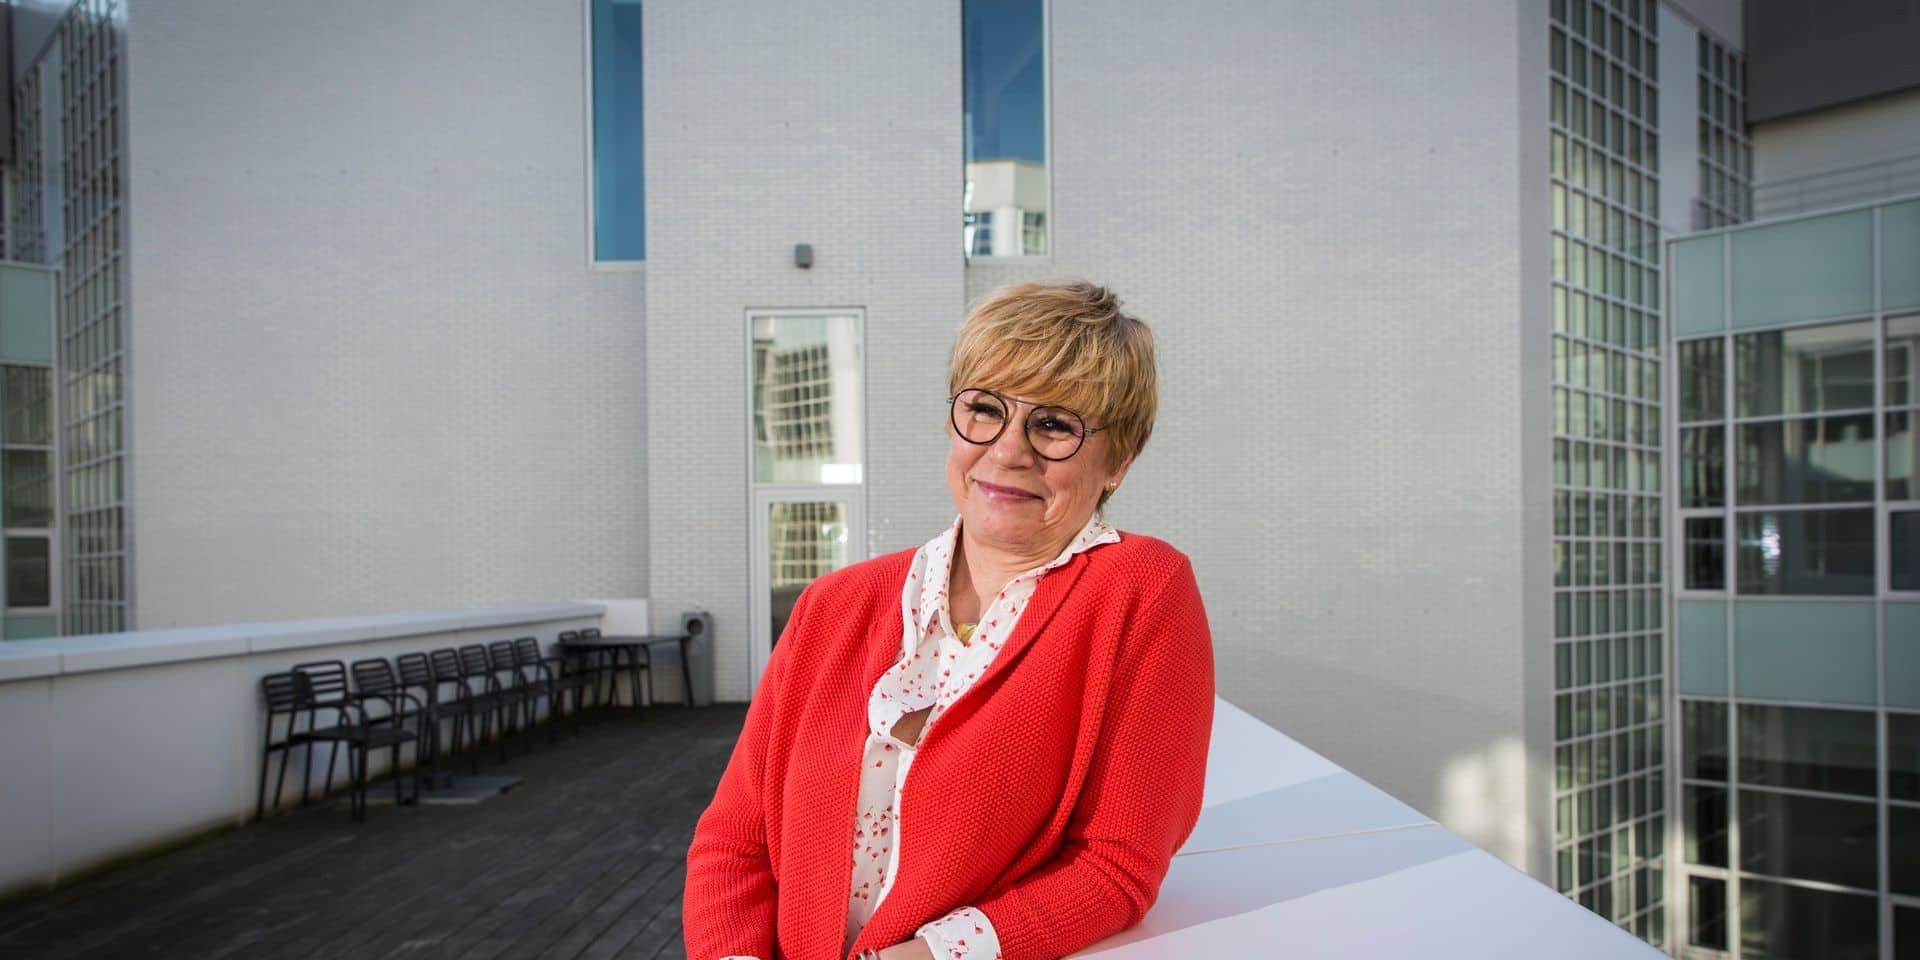 """Agnès Flémal: """"Les femmes vont toujours se demander si elles sont légitimes"""""""